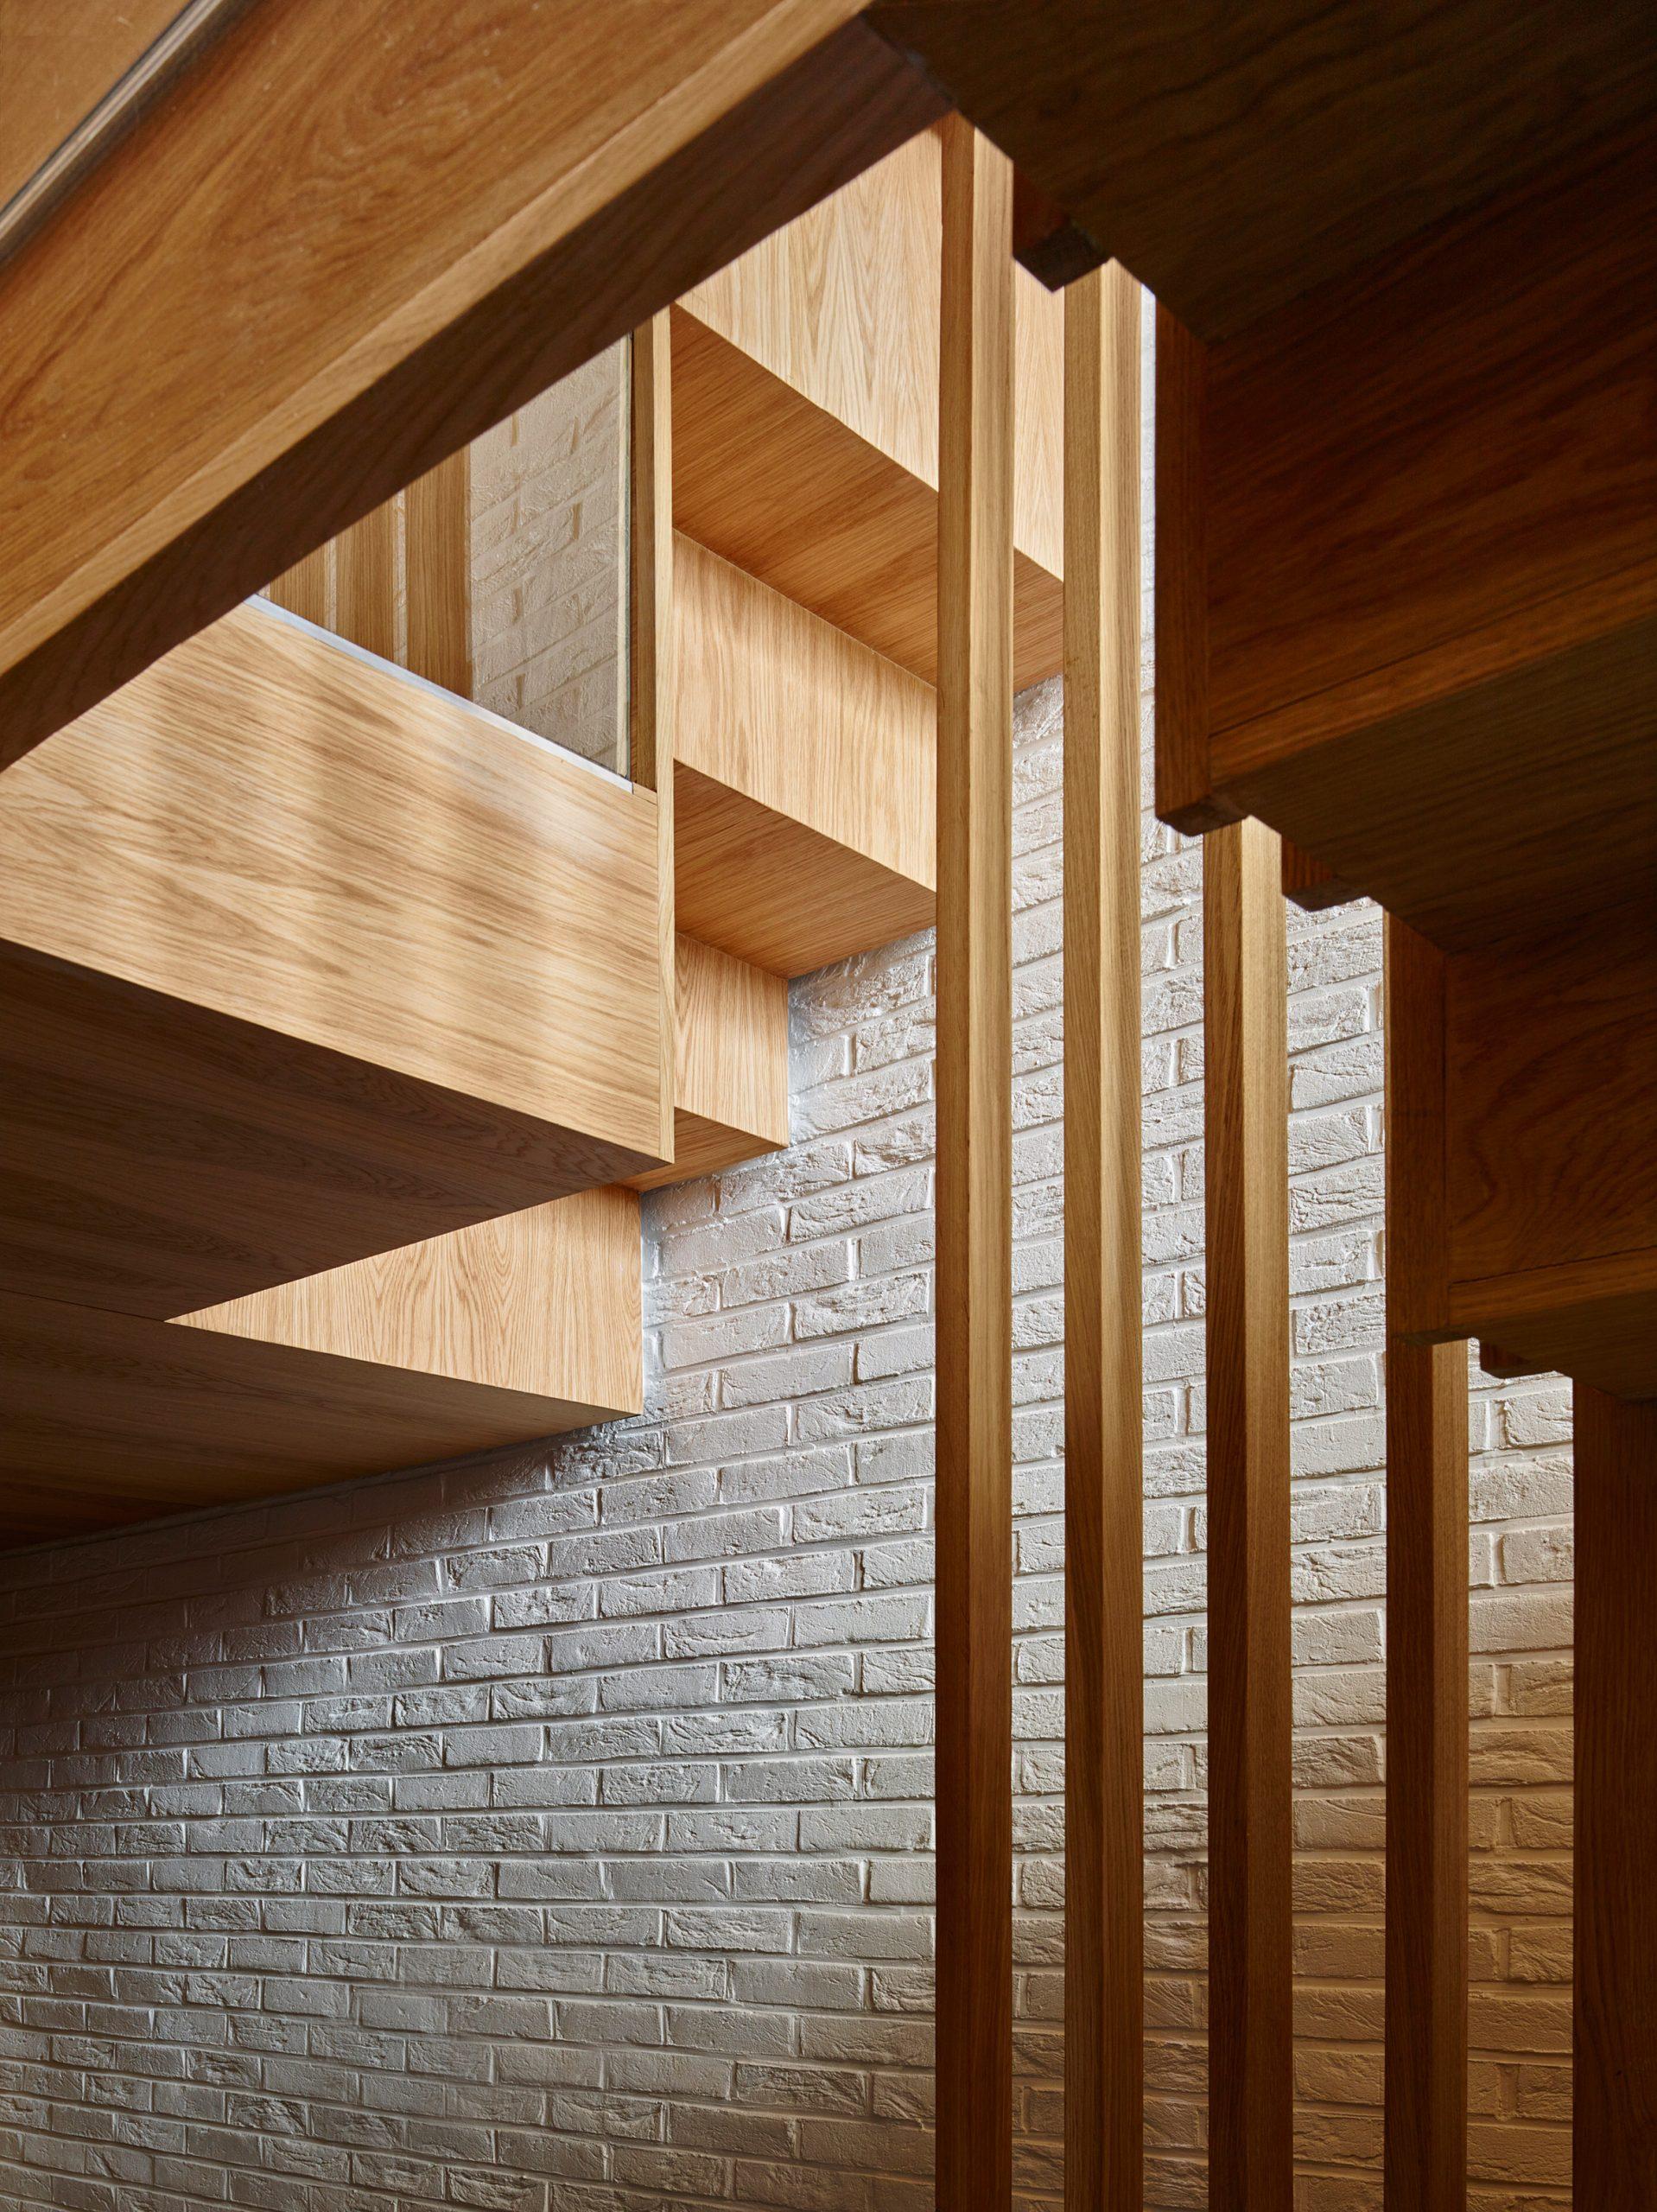 Thiết kế nhà gỗ hiện đại 1